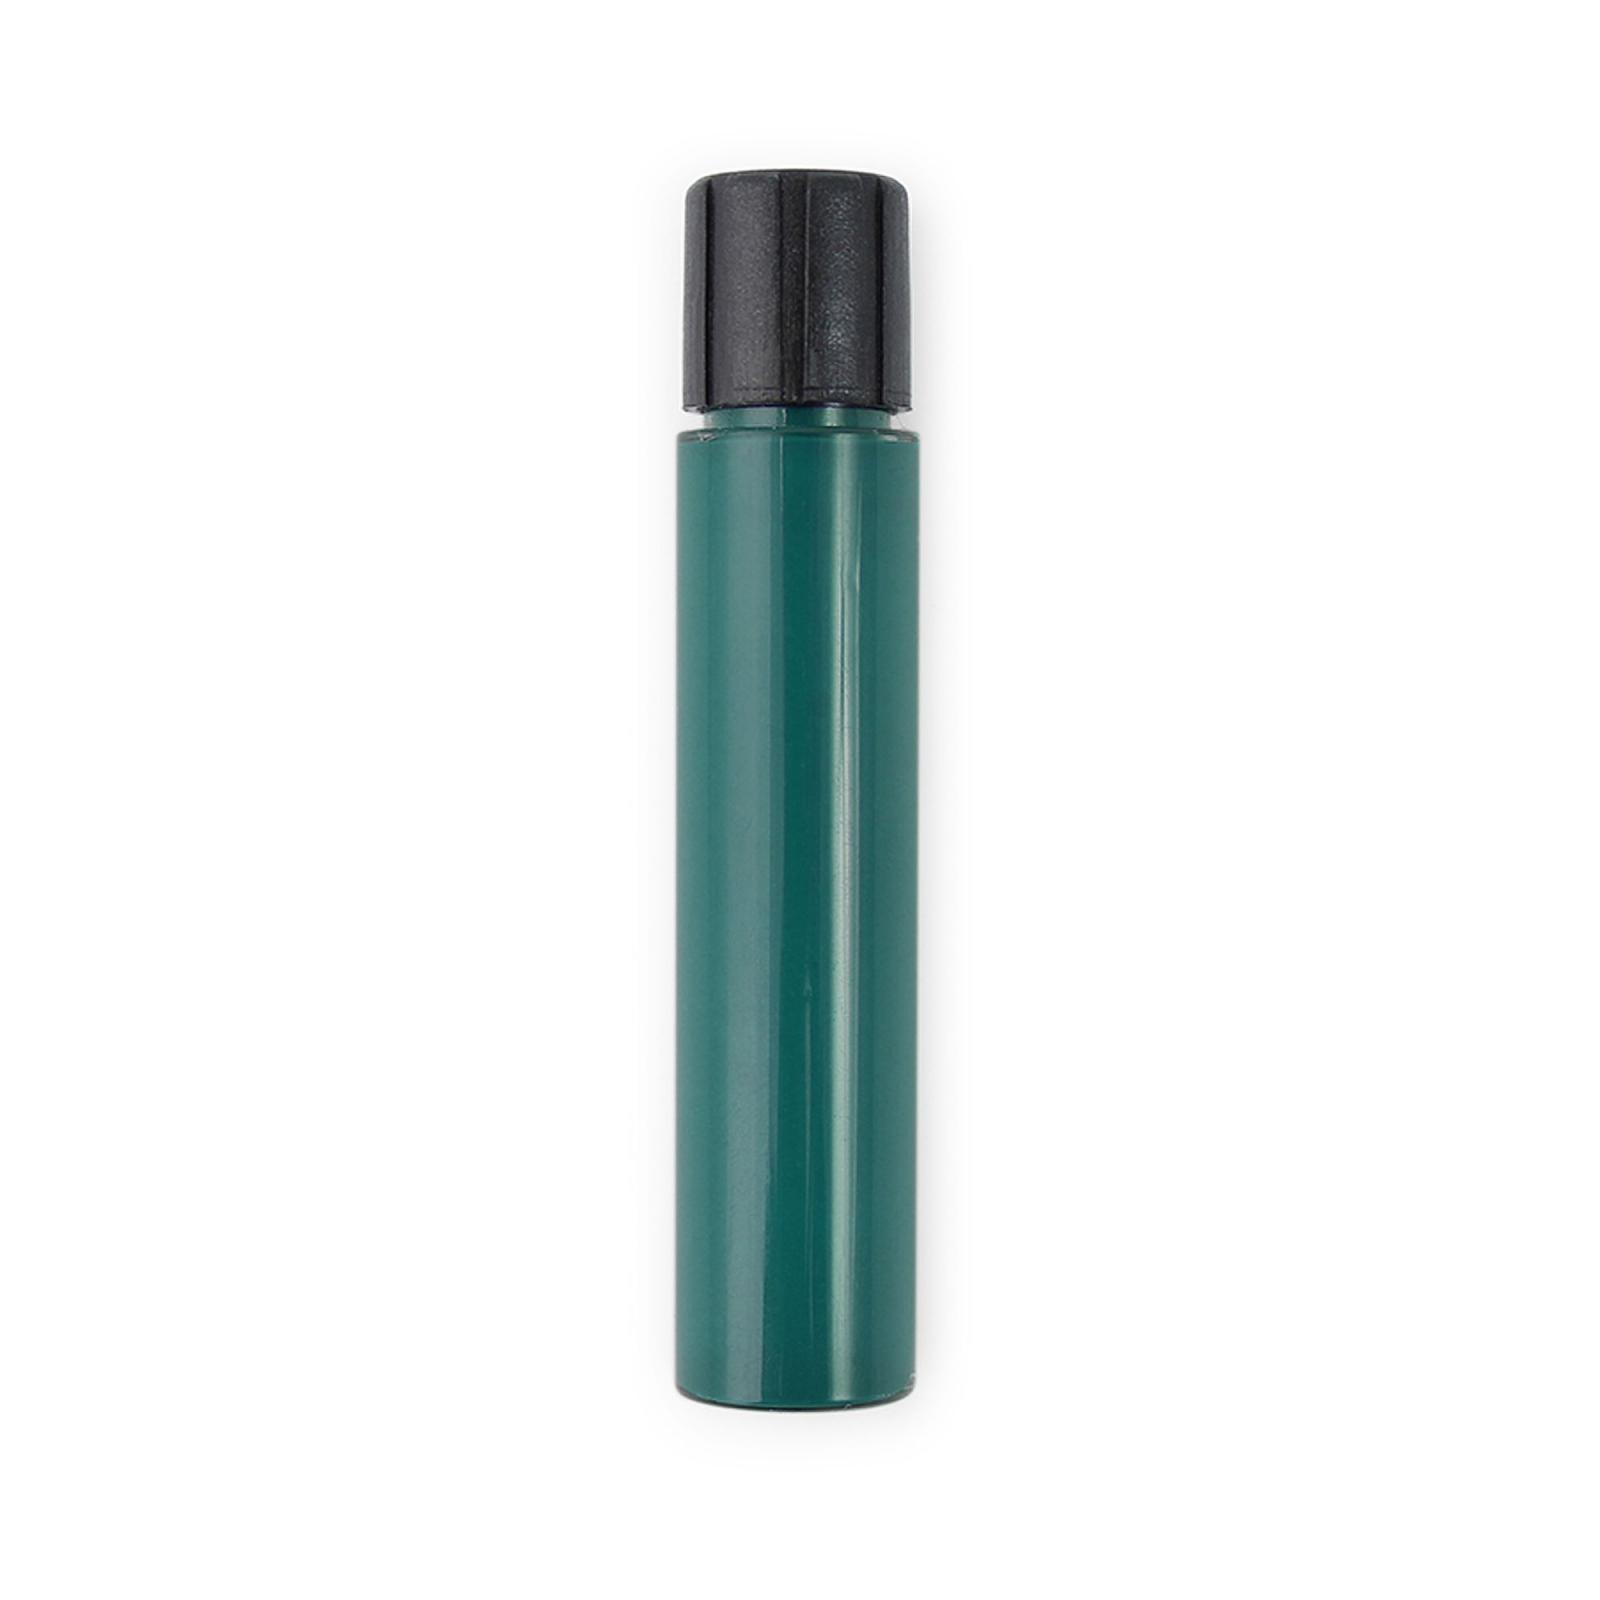 ZAO Tekuté oční linky 073 Emerald Green 4,5 g náplň